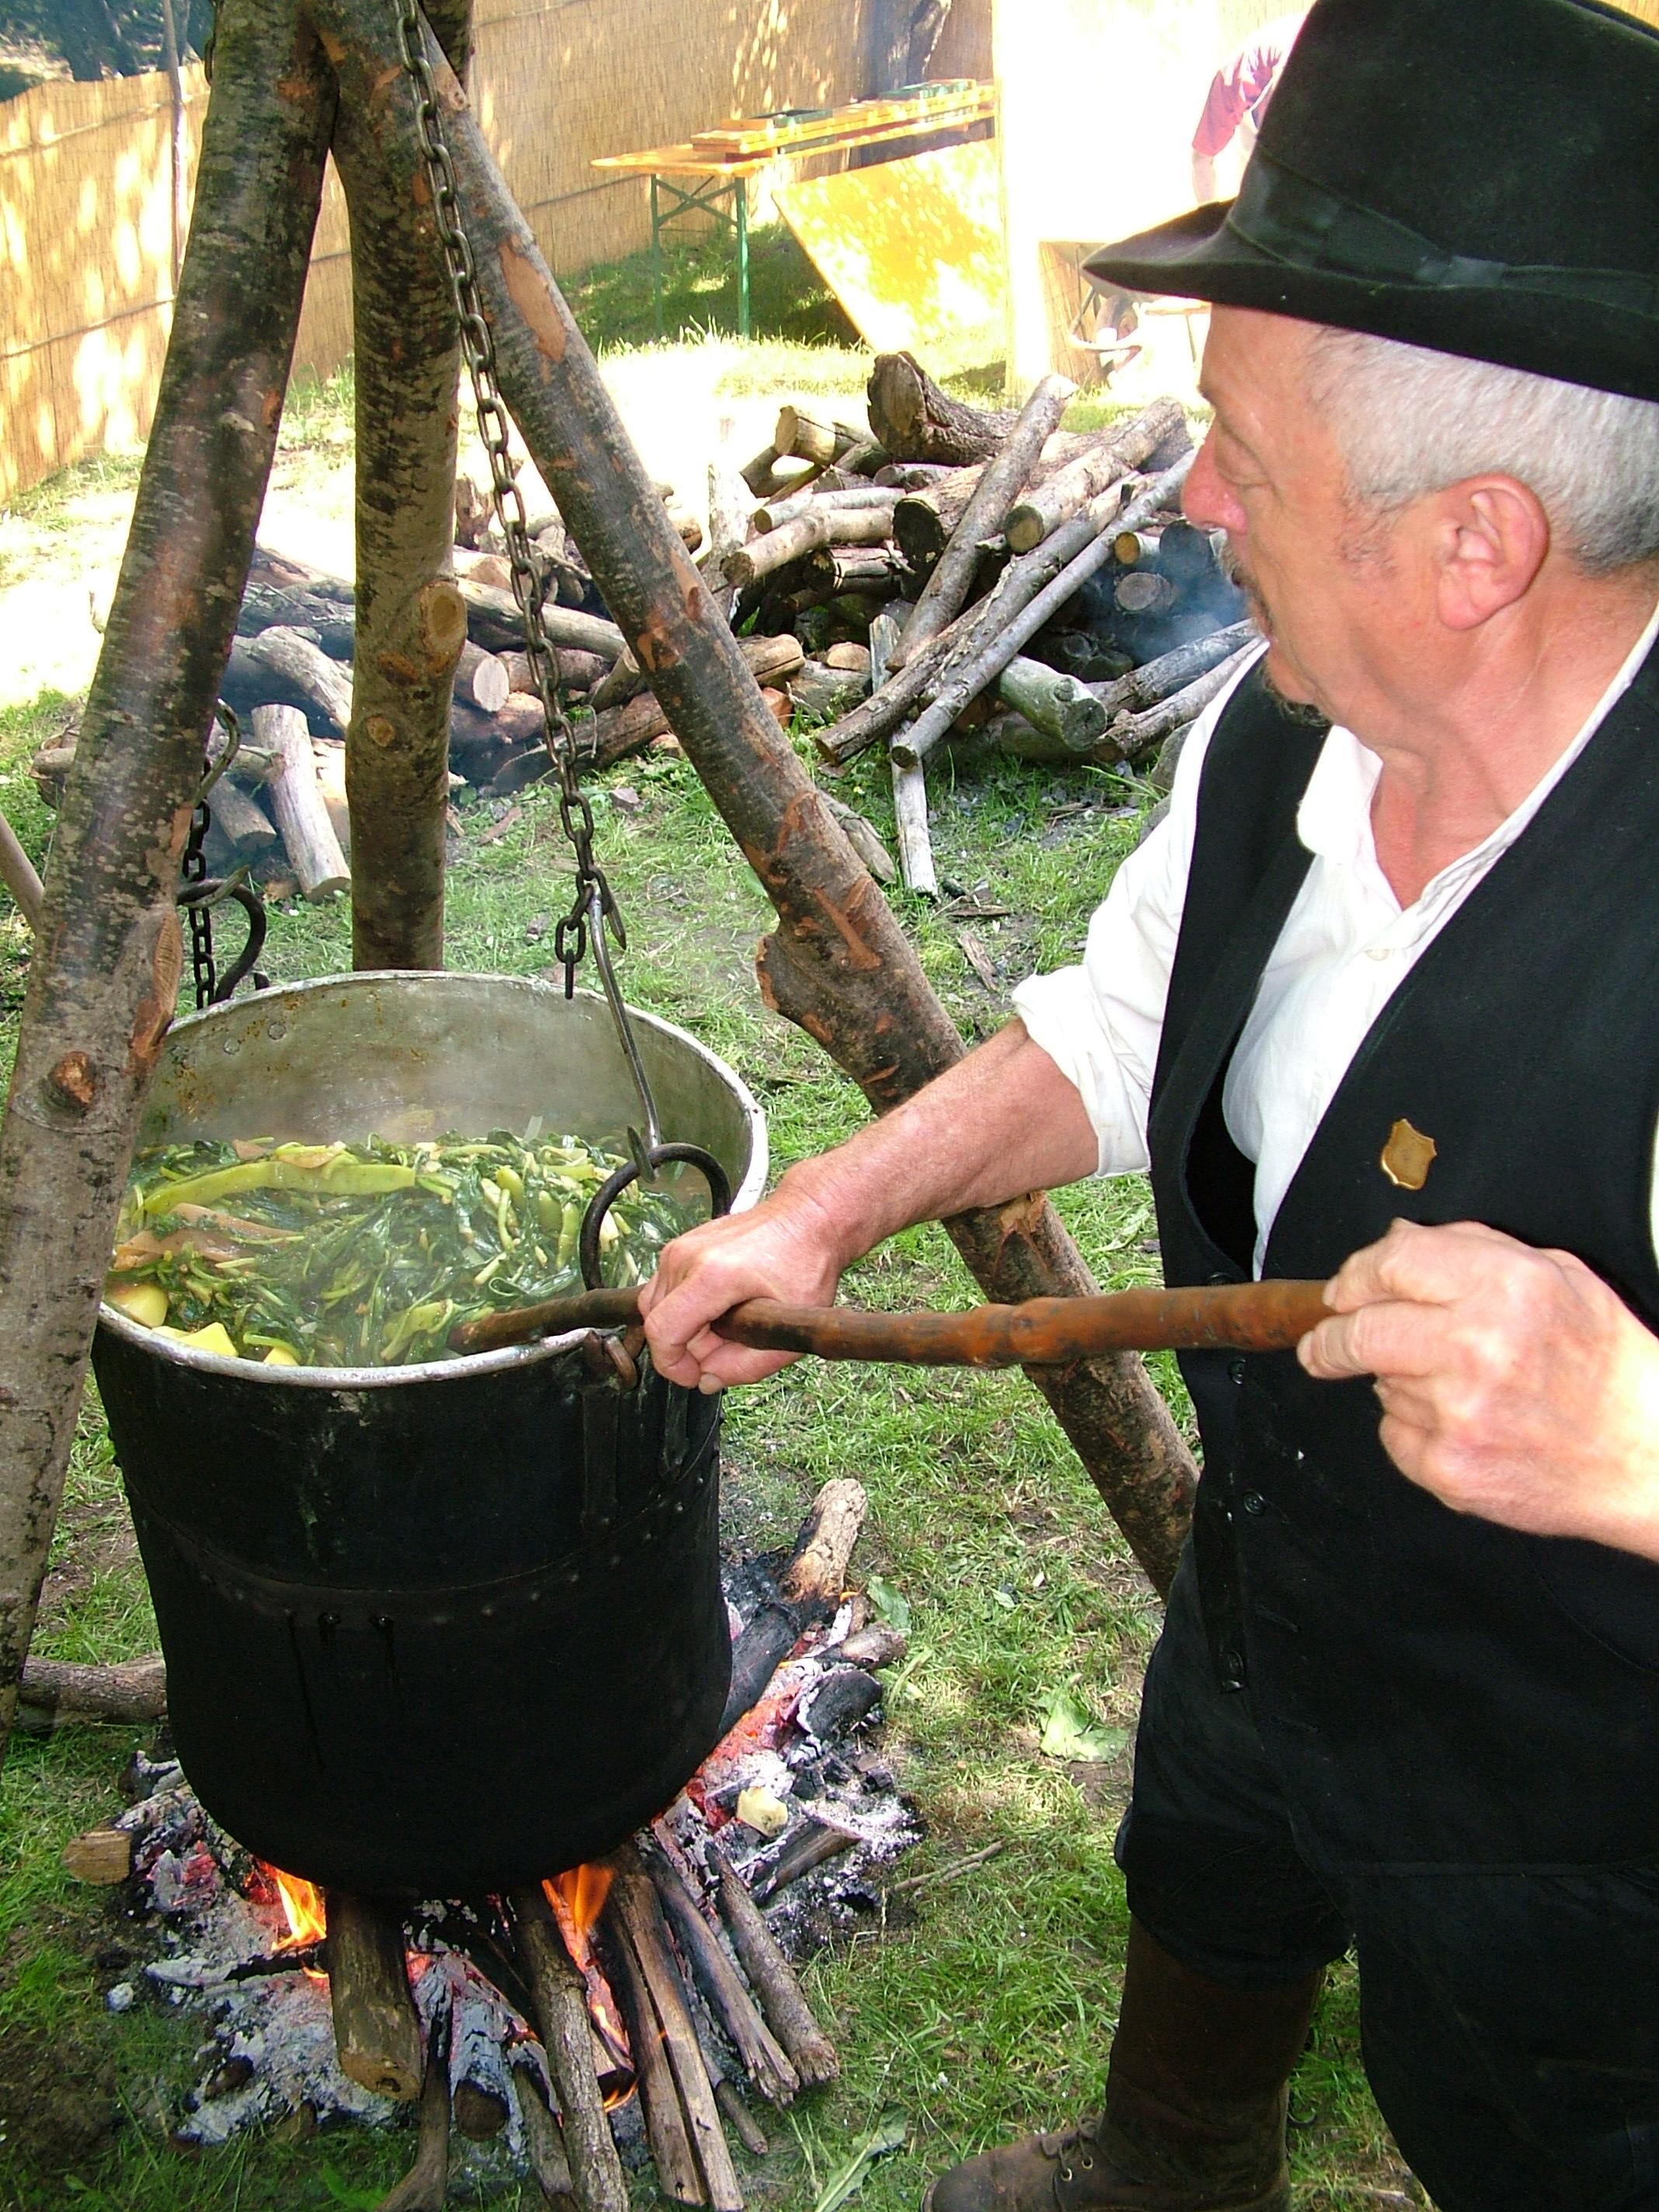 acquacotta-butteri-buttero-cucina-fuoco